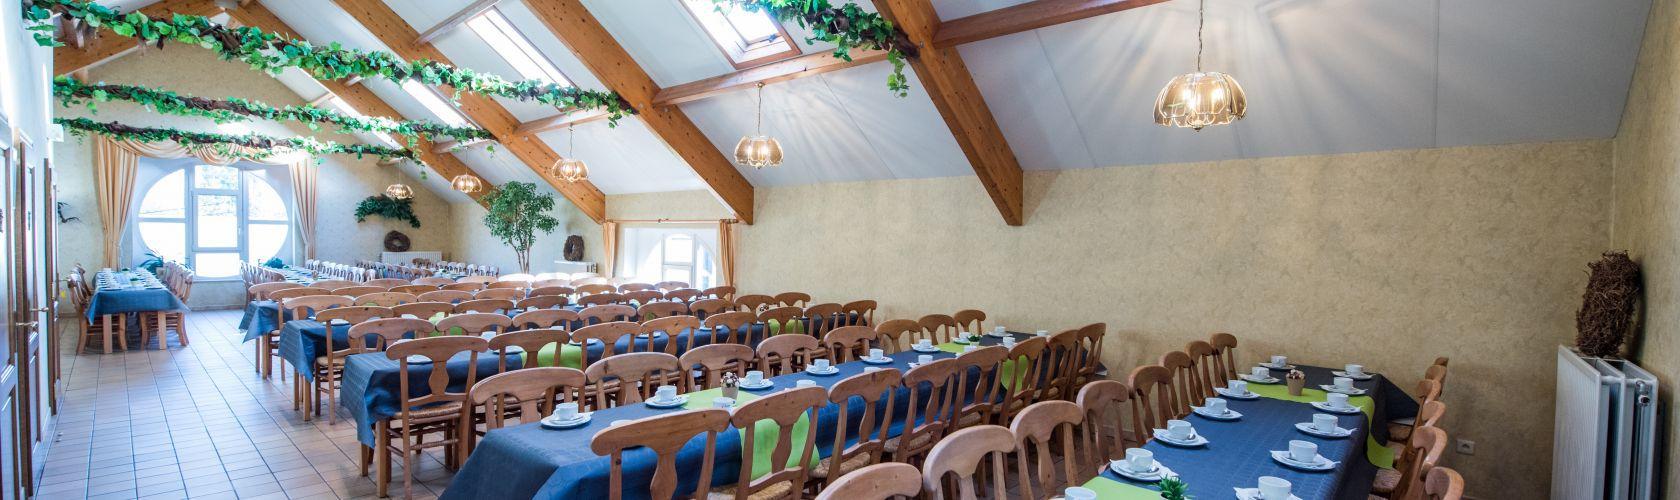 Salle de réception pour funérailles à Herve - FunéRADER